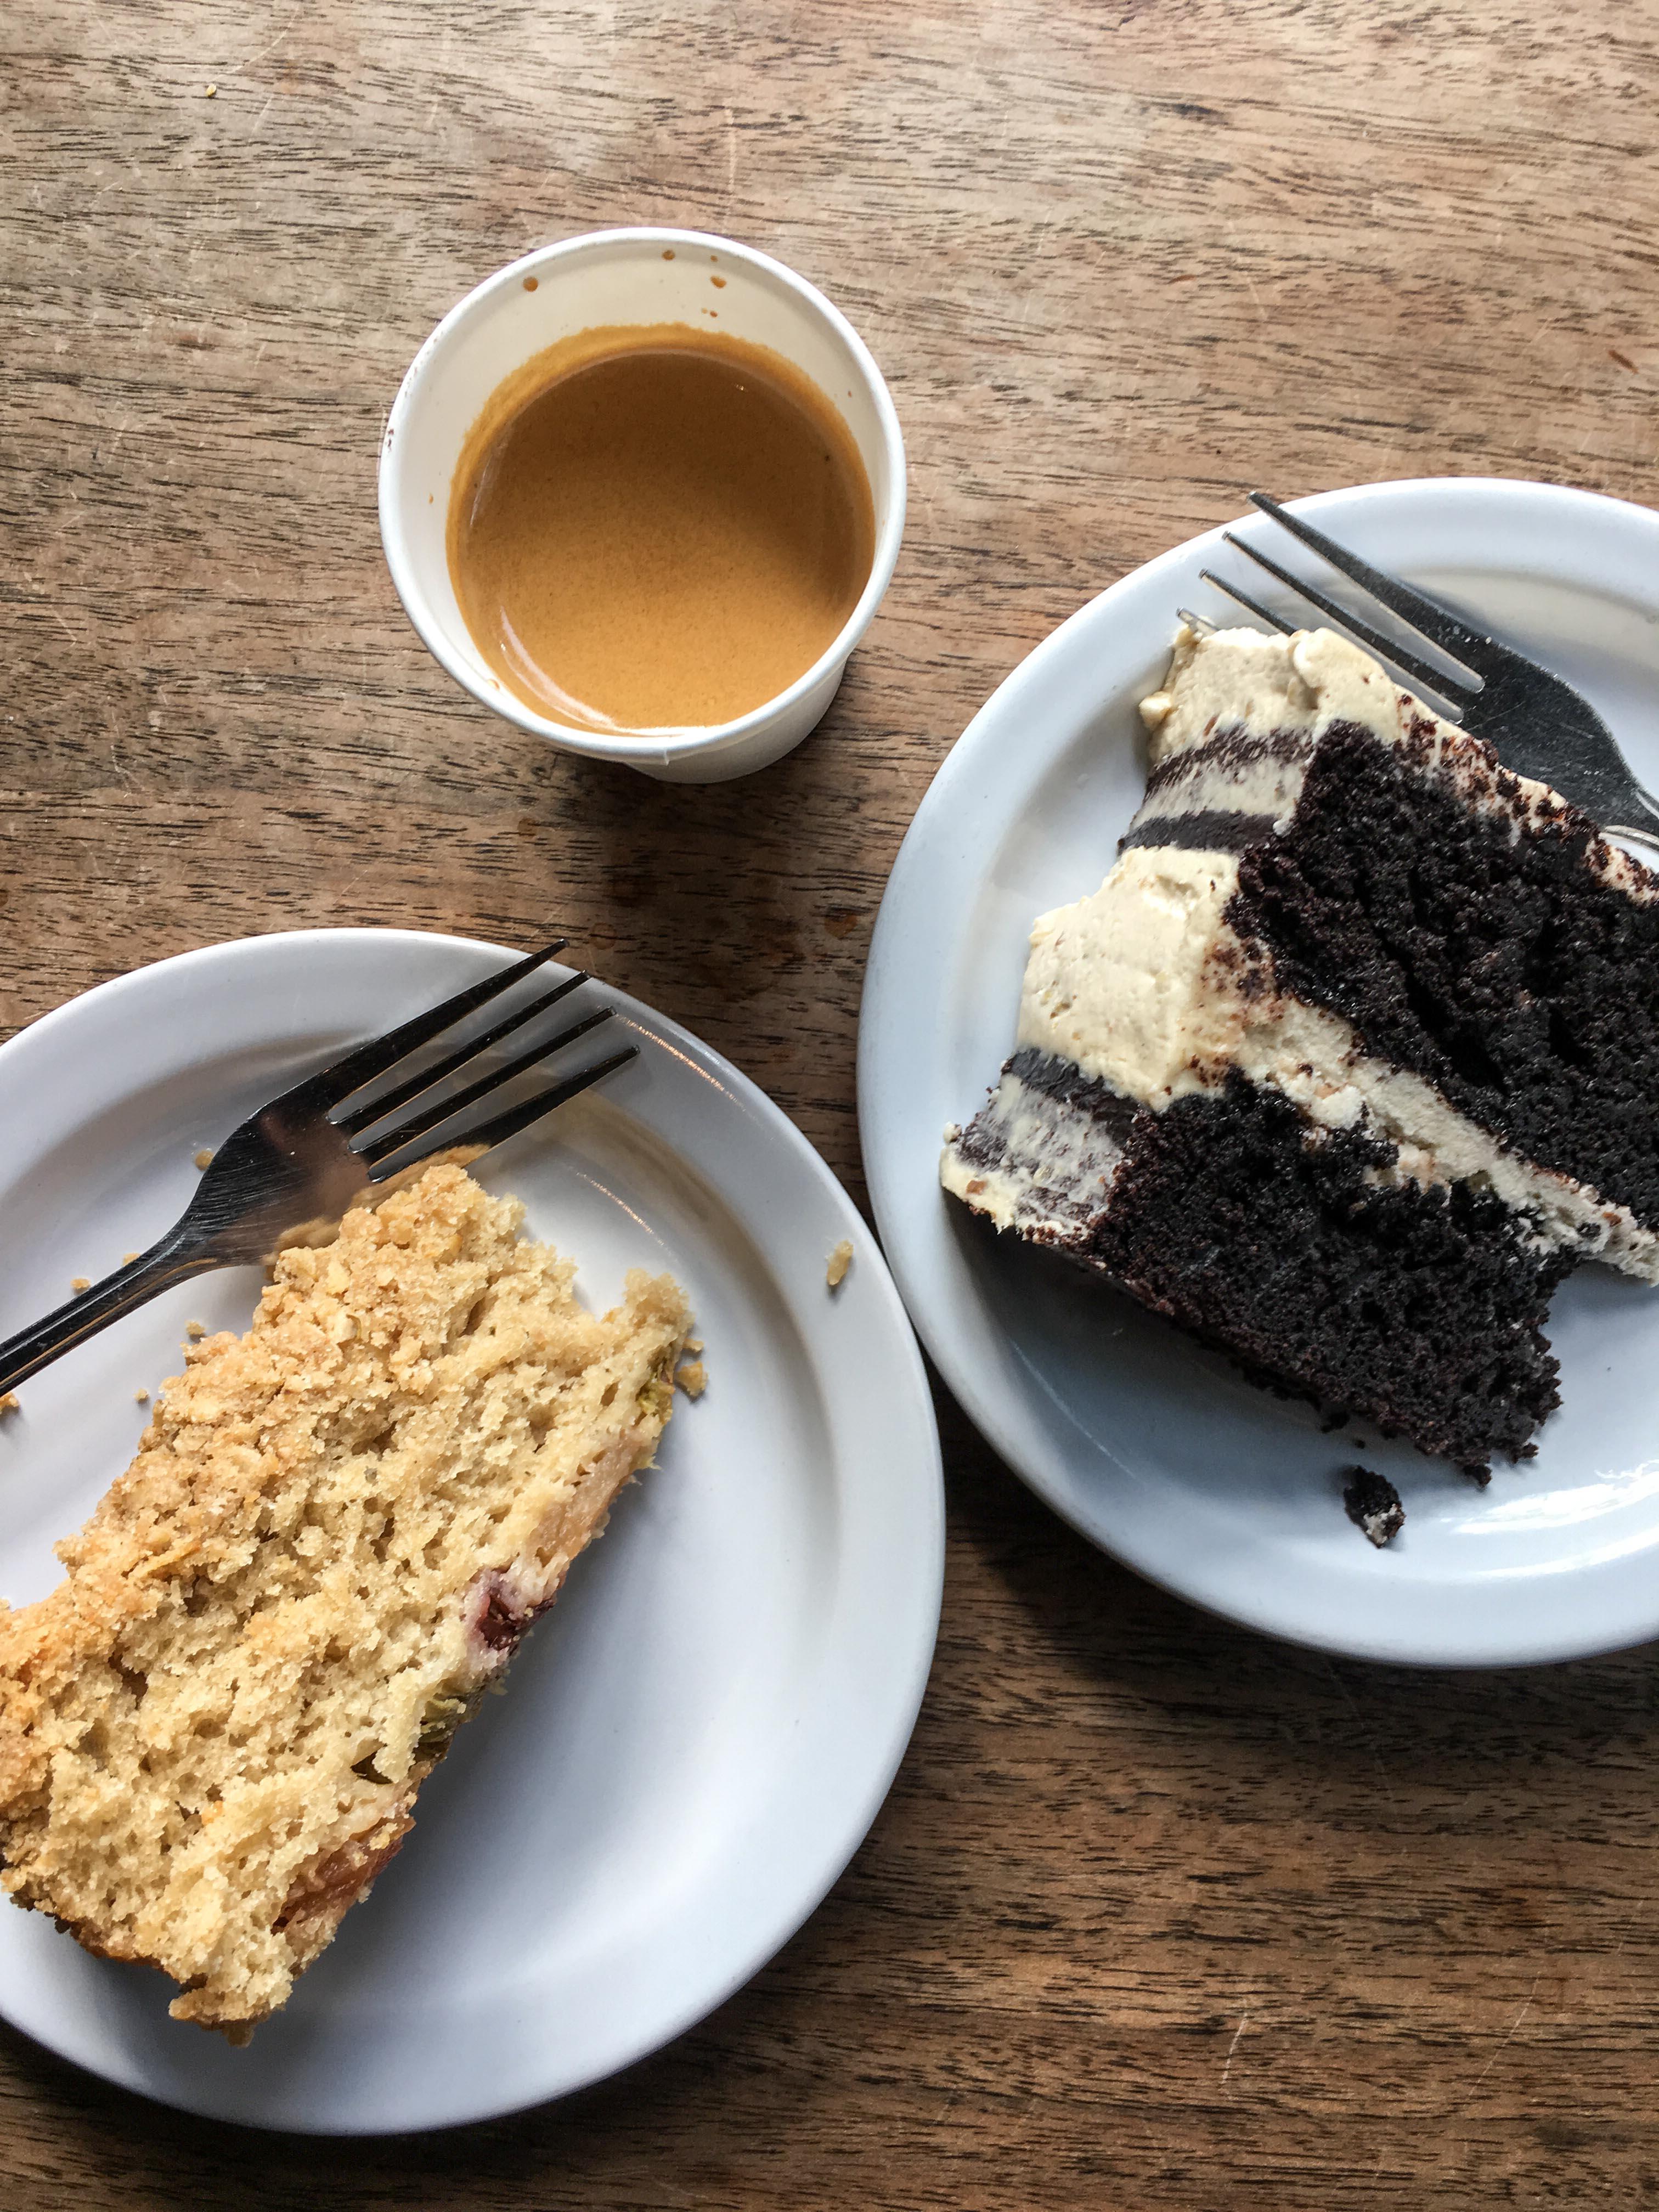 """warum der rechte Kuchen im Bild """"German Chocolate Cake"""" heißt, ist mir immer noch ein Rätsel. Und nein, damit ist nicht Schwarzwälder Kirsch gemeint. Die gibt es hier nämlich auch."""